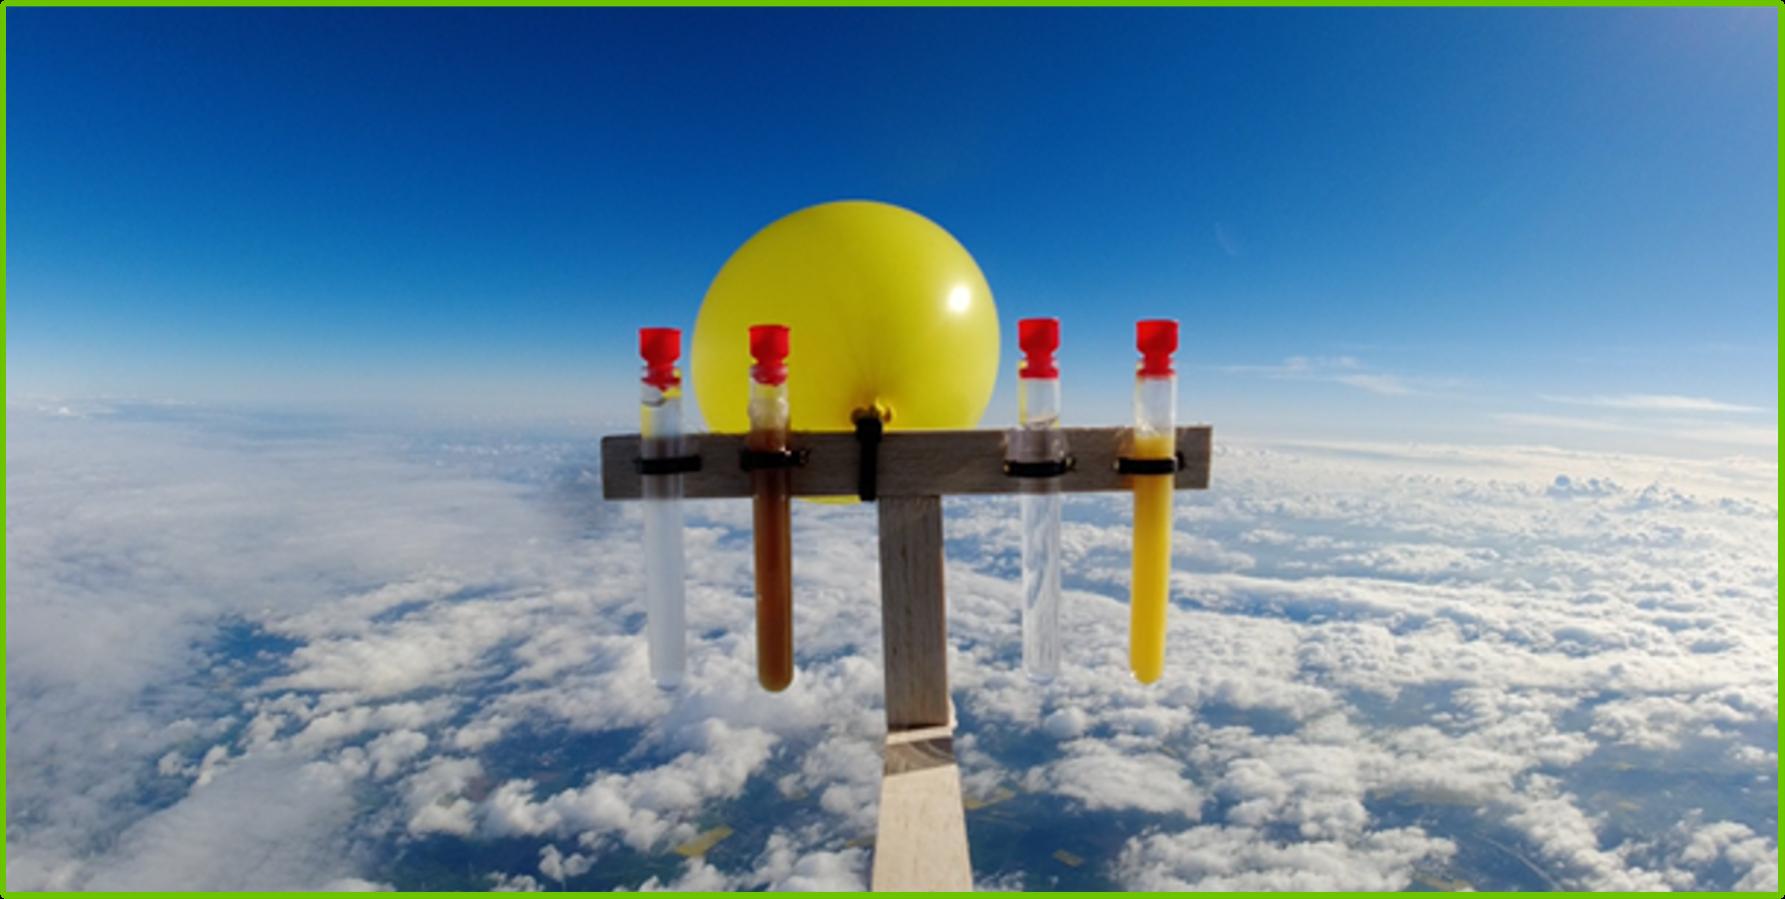 Marienschüler*innen schicken Sonde in die Stratosphäre